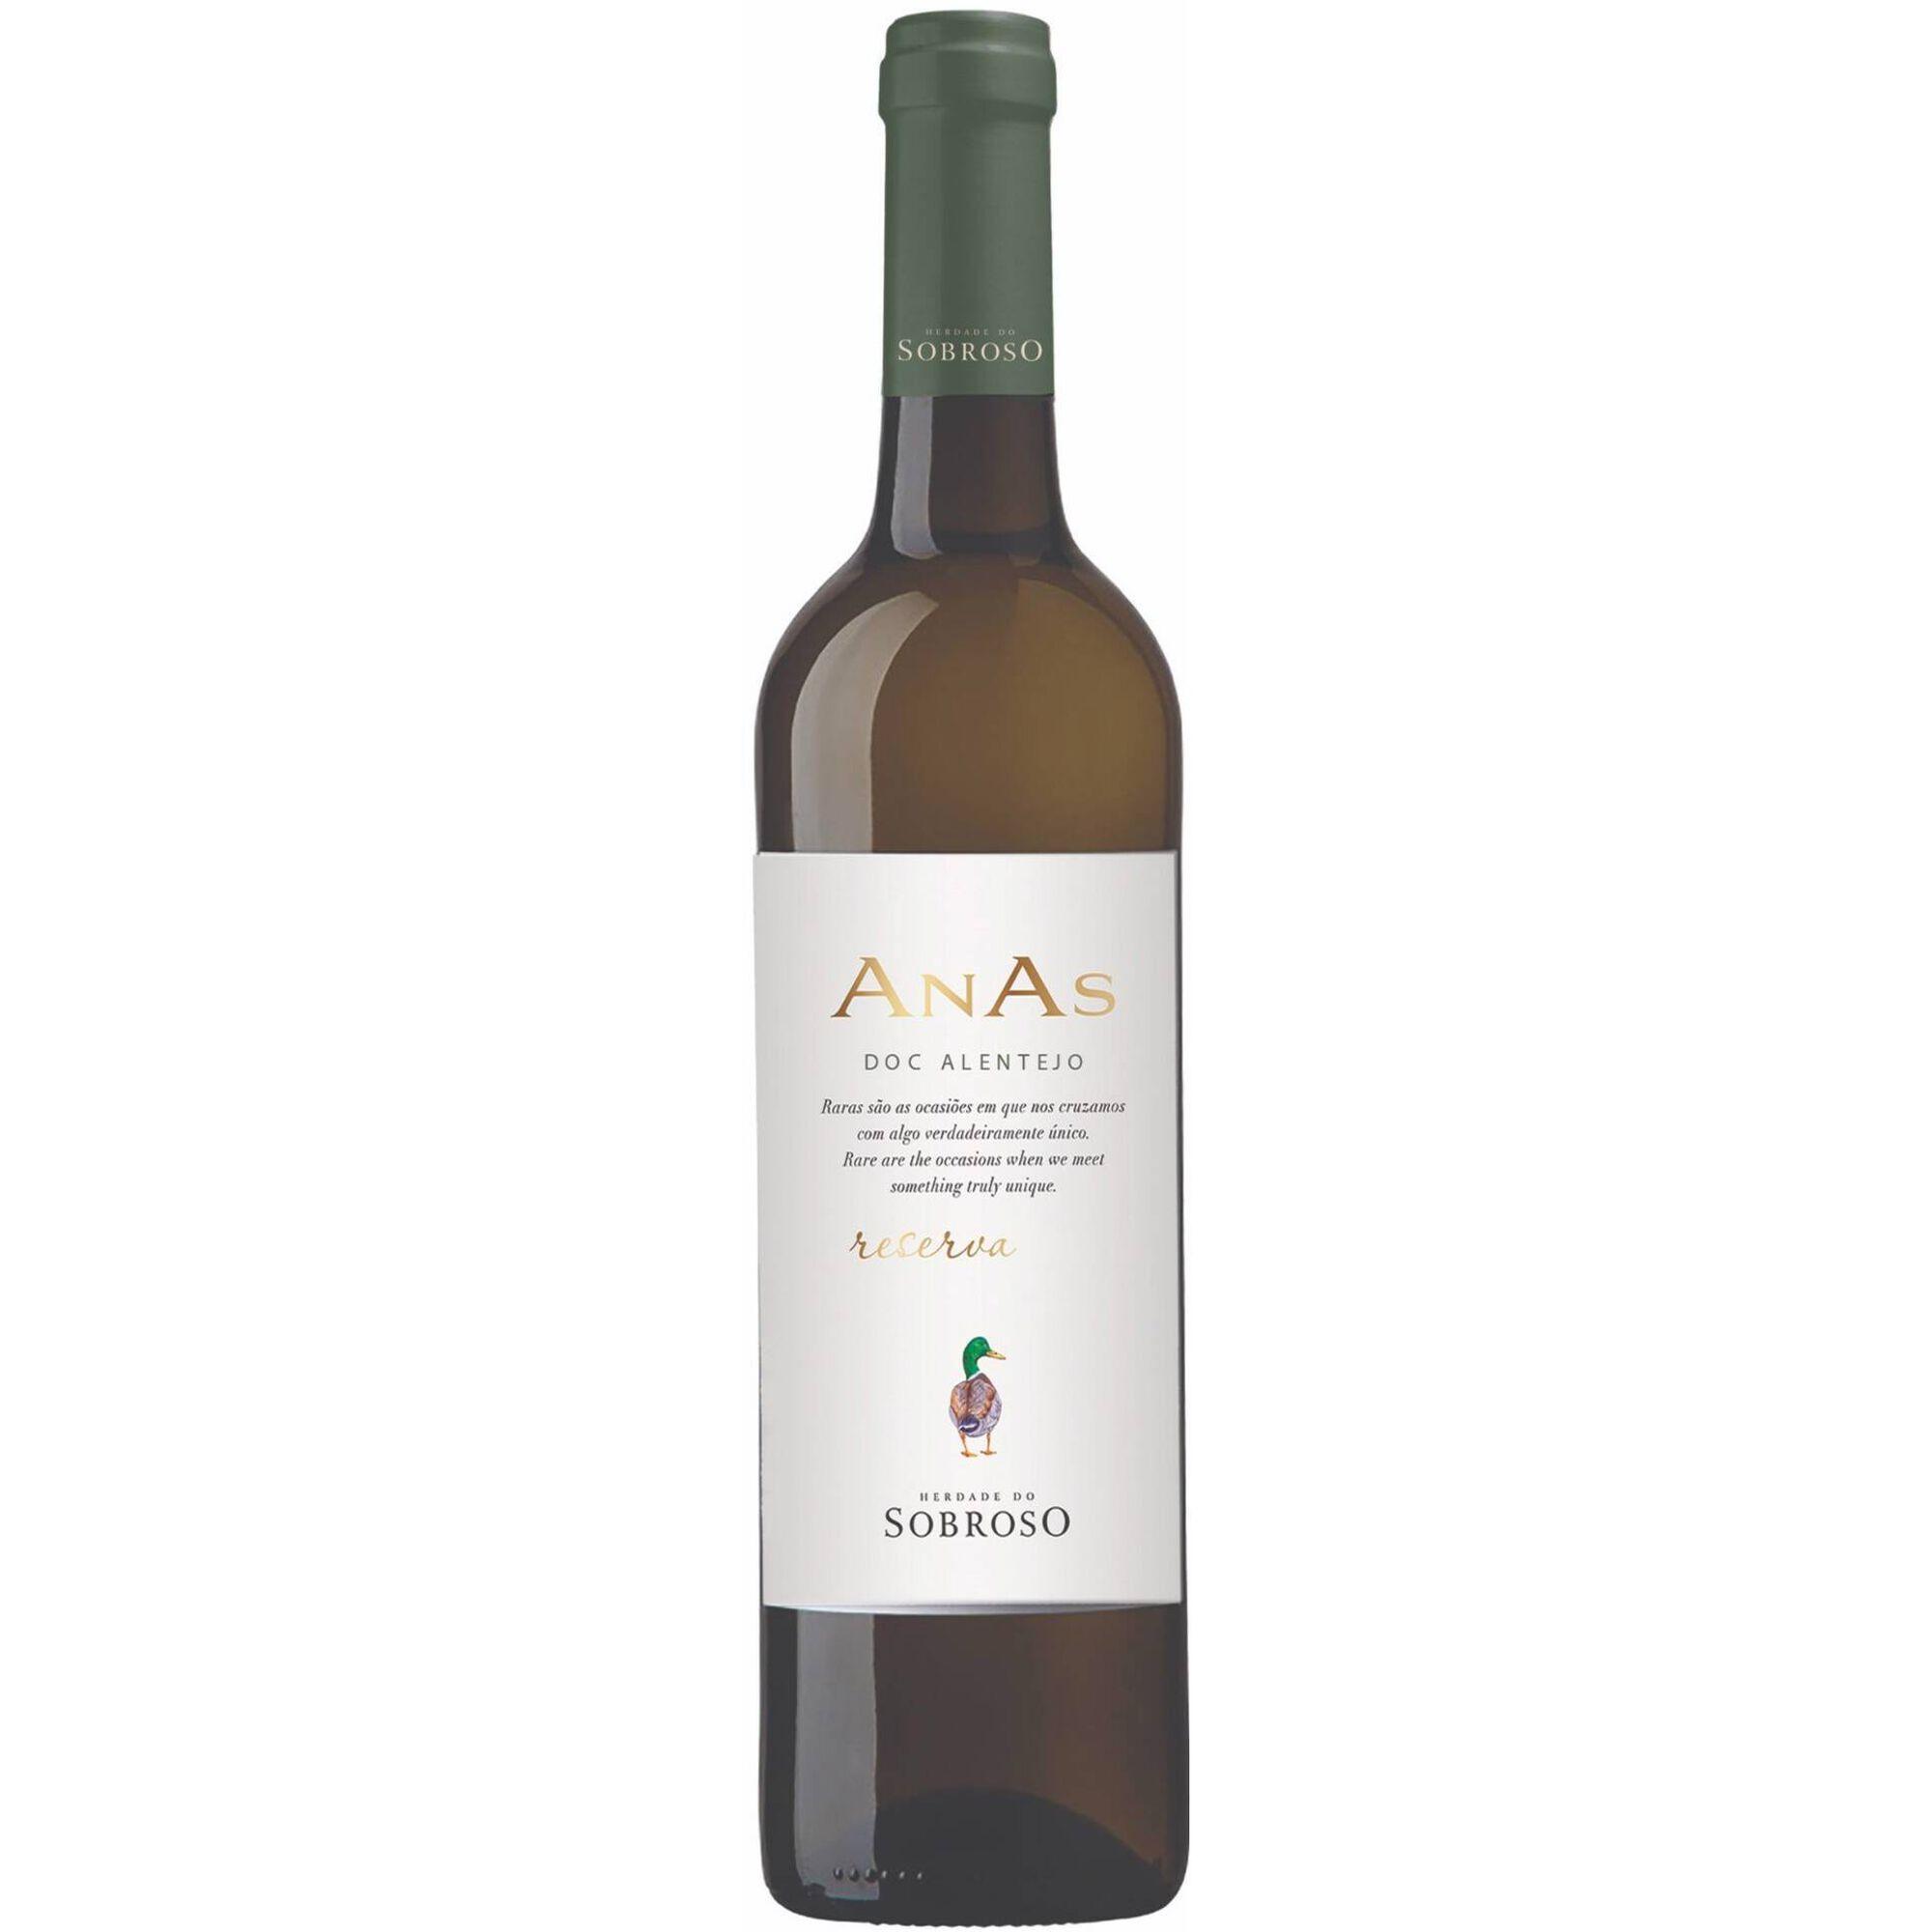 Anas Sobroso Reserva DOC Alentejo Vinho Branco